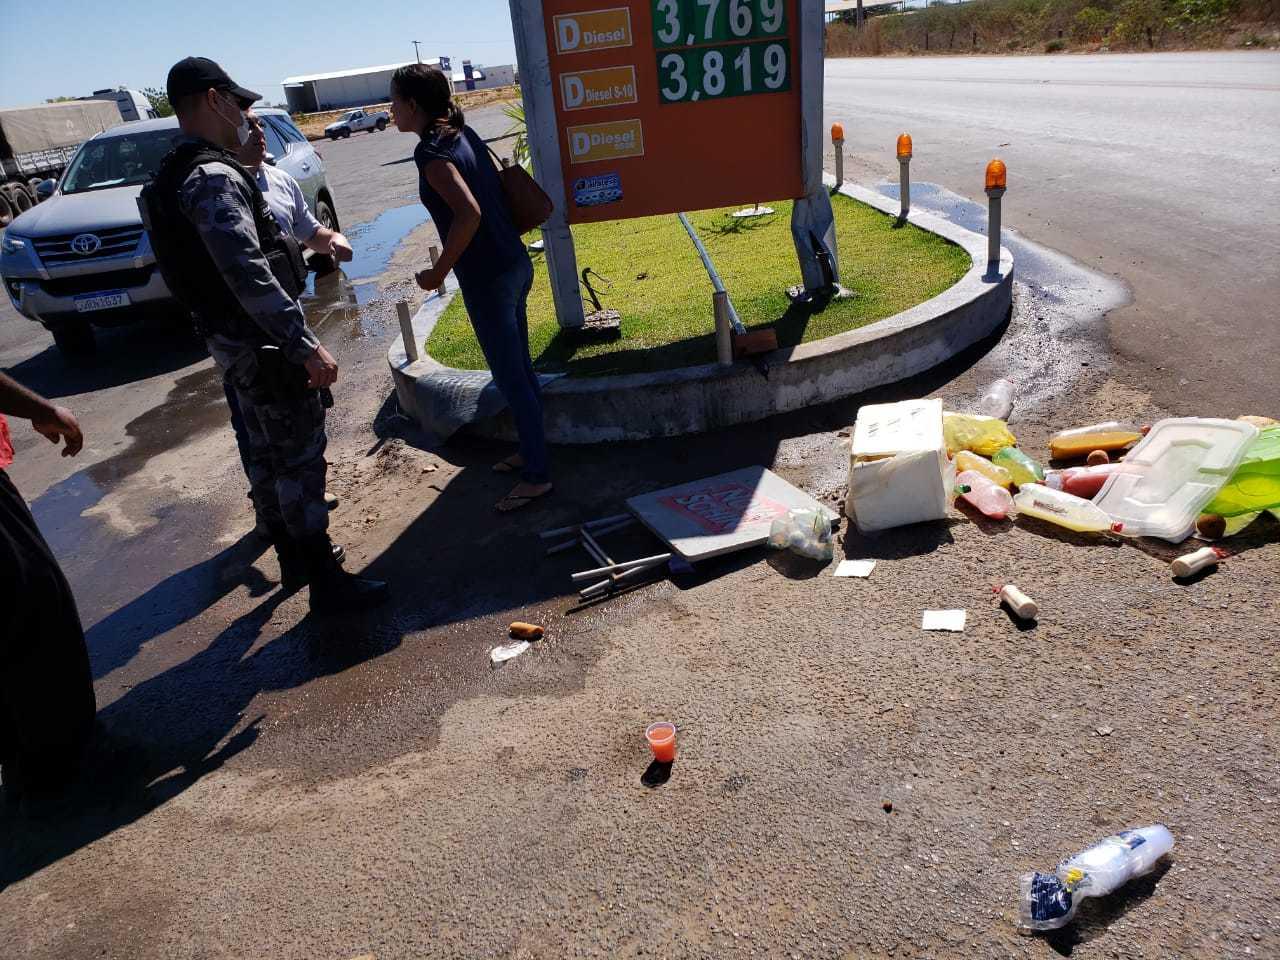 Vendedora de lanches tem mercadorias destruídas e é agredida na frente de posto no Piauí 2